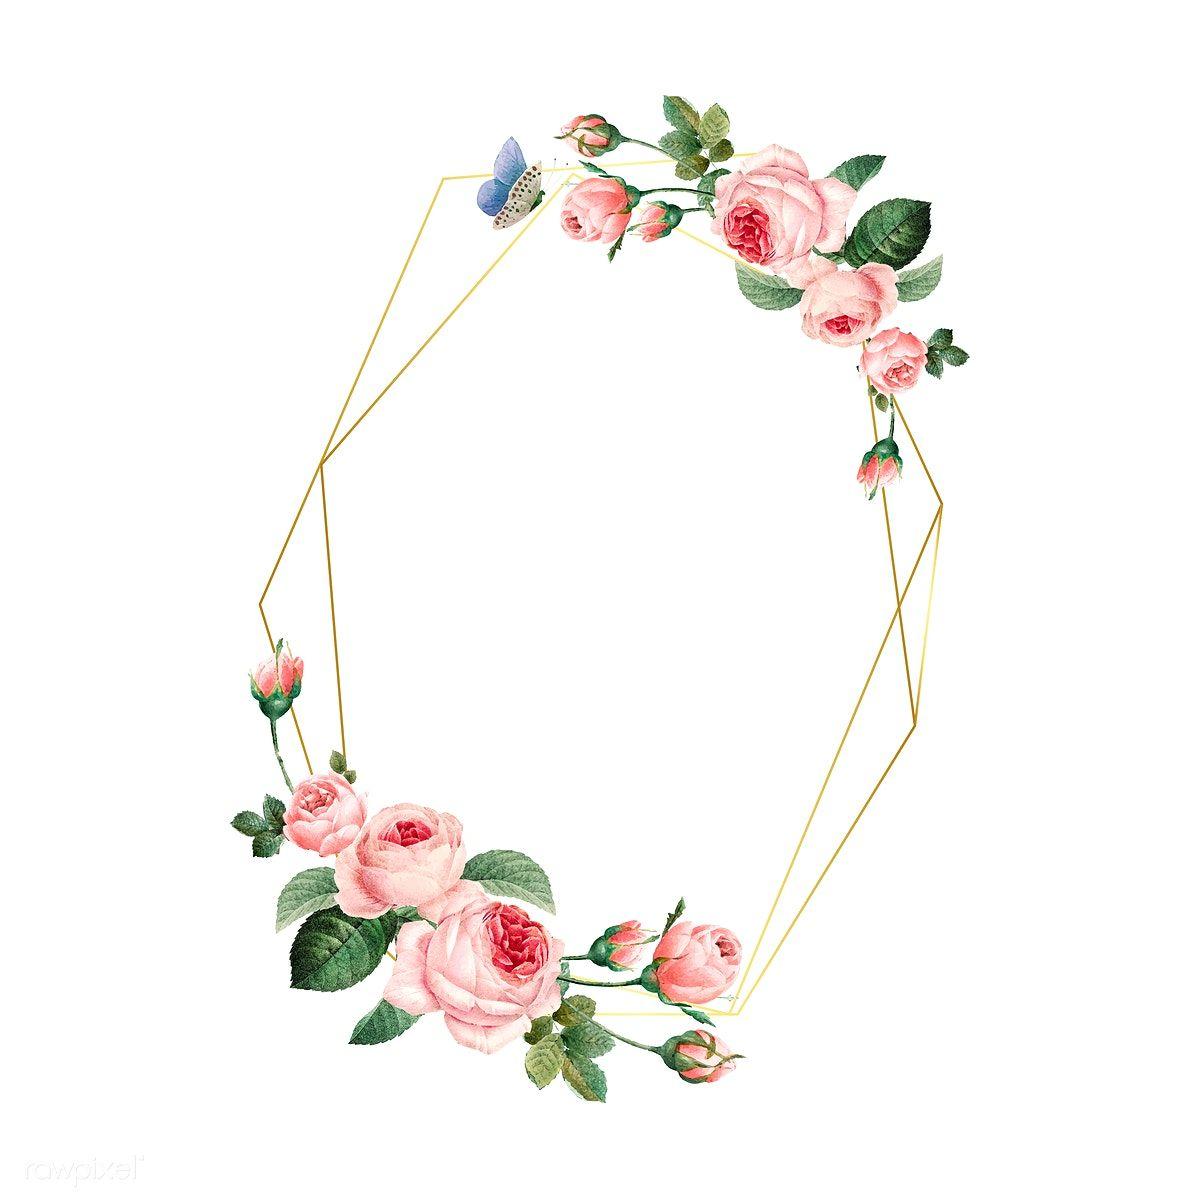 إطار مستطيل الإطار الإطار مستطيل Png وملف Psd للتحميل مجانا Flower Frame Sign Art Flower Painting